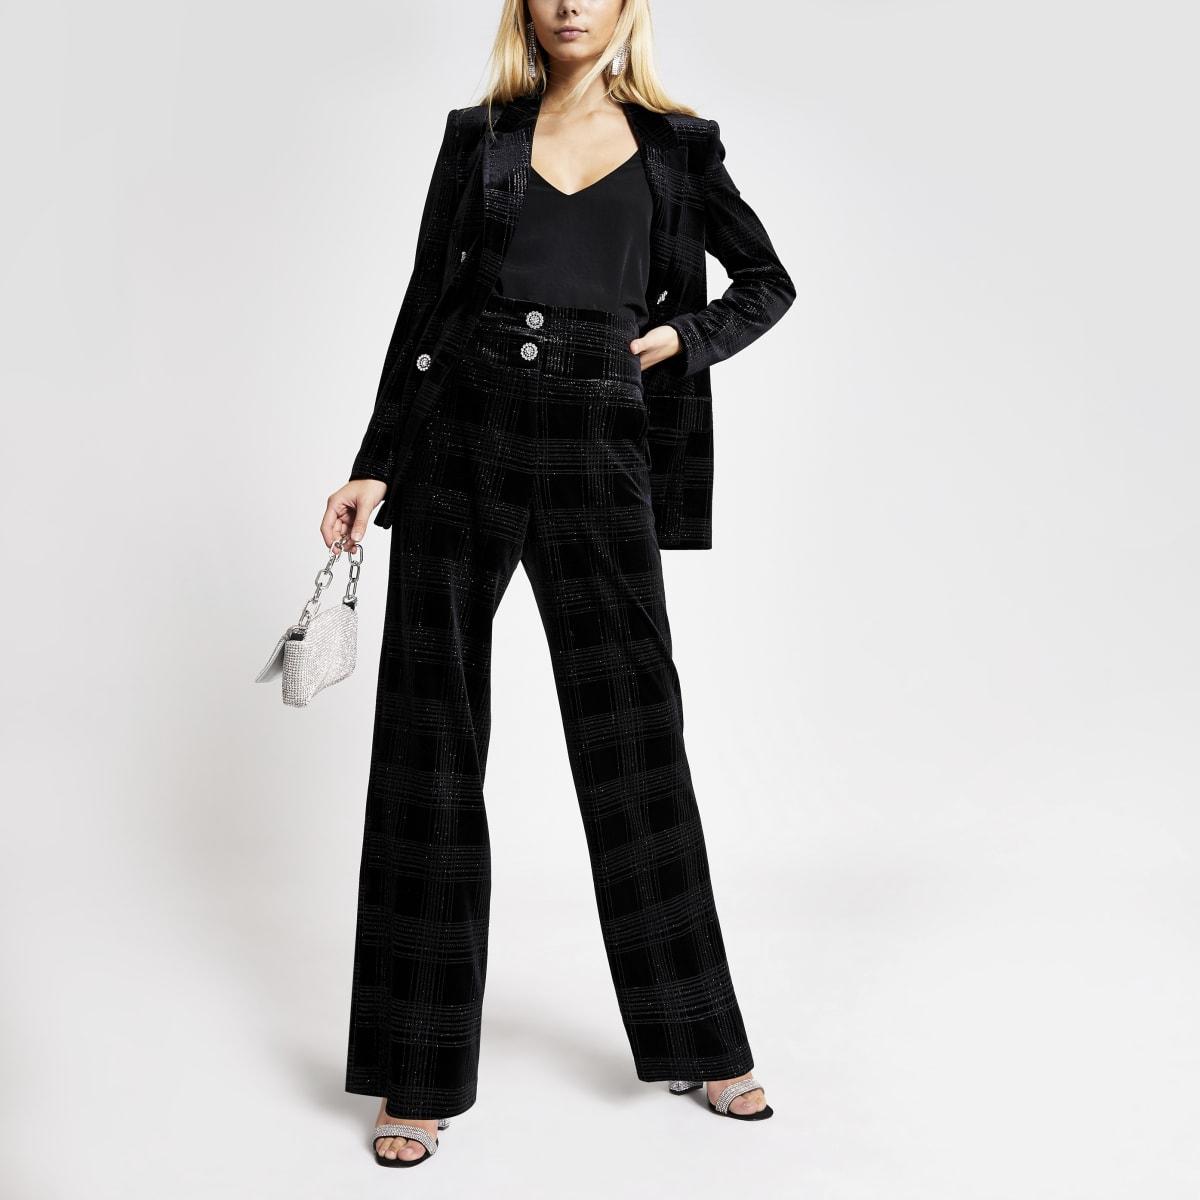 Zwarte fluwelen geruite uitlopende broek met glitters